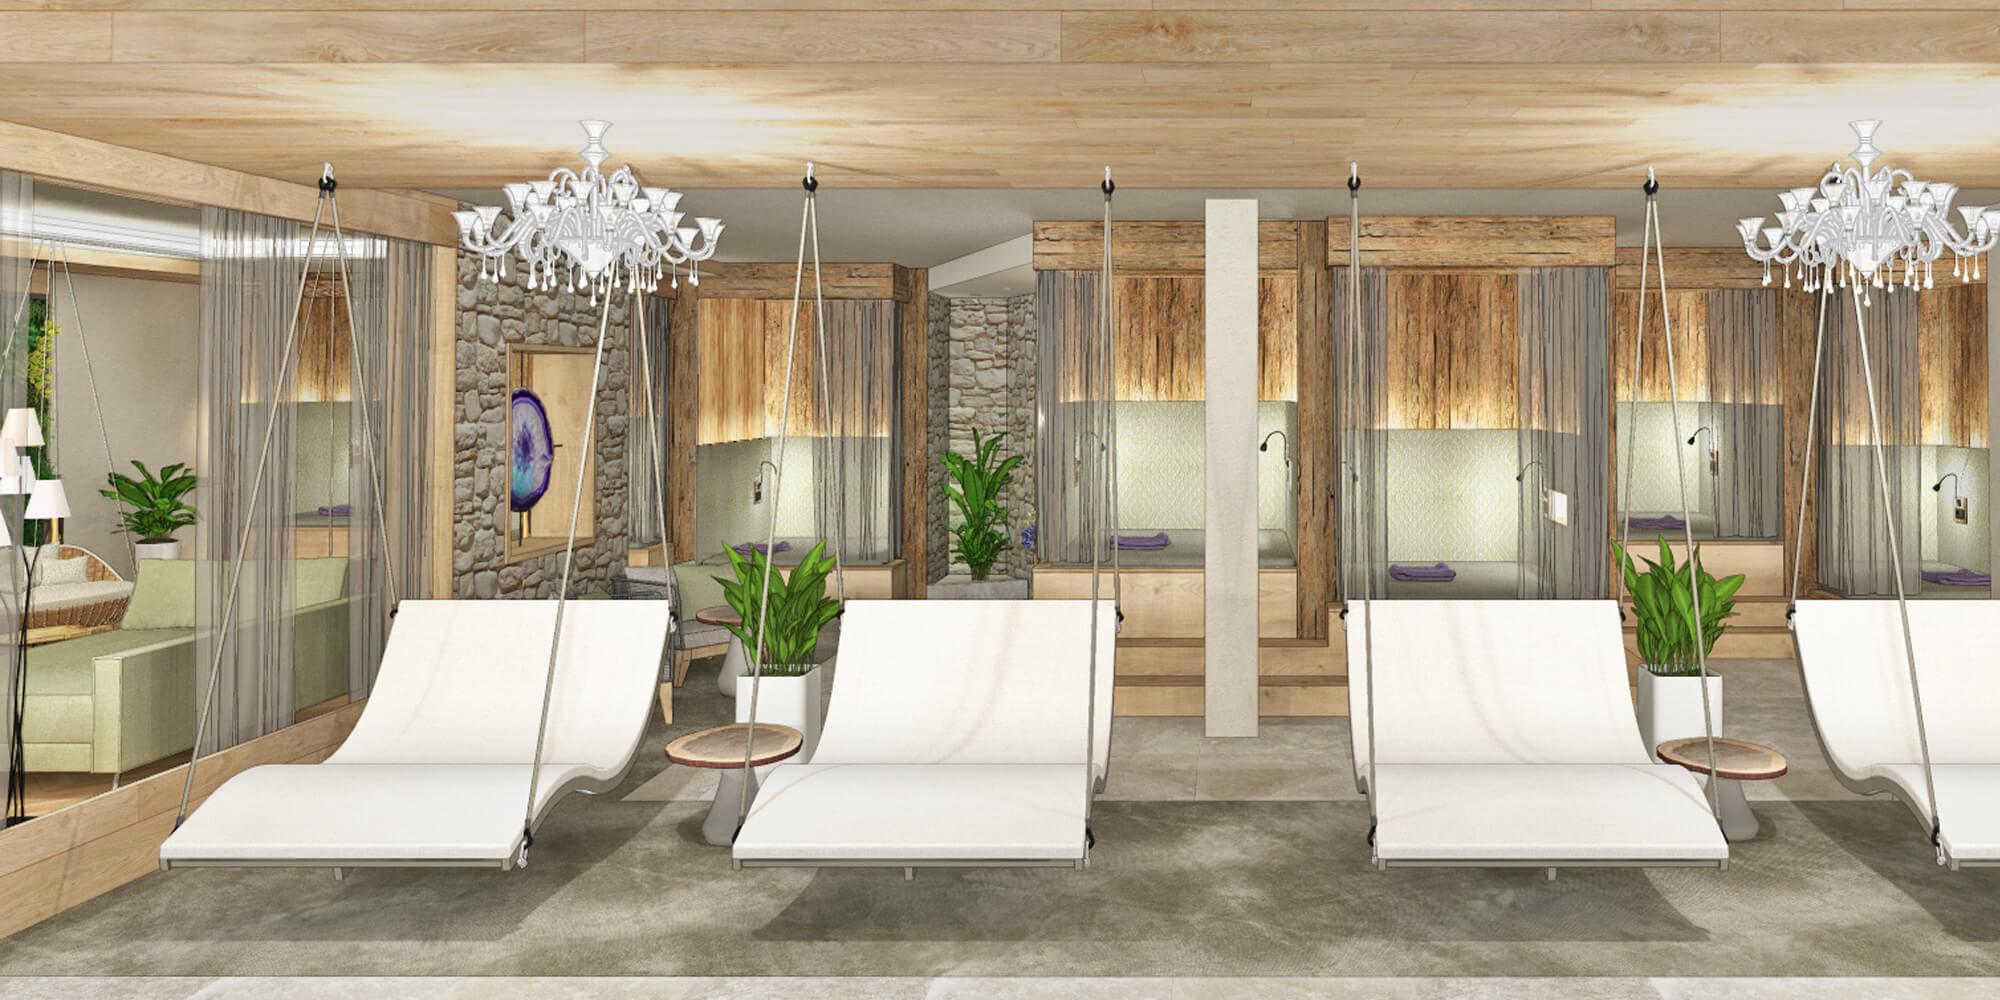 Crea-Plan-Design-Rauch-Frühmann-Architektur-Innenarchitektur-Design-Projekt-Referenz-Hotelerie-Gastronomie-Hotel-Bergknappenhof-Ruheraum-2